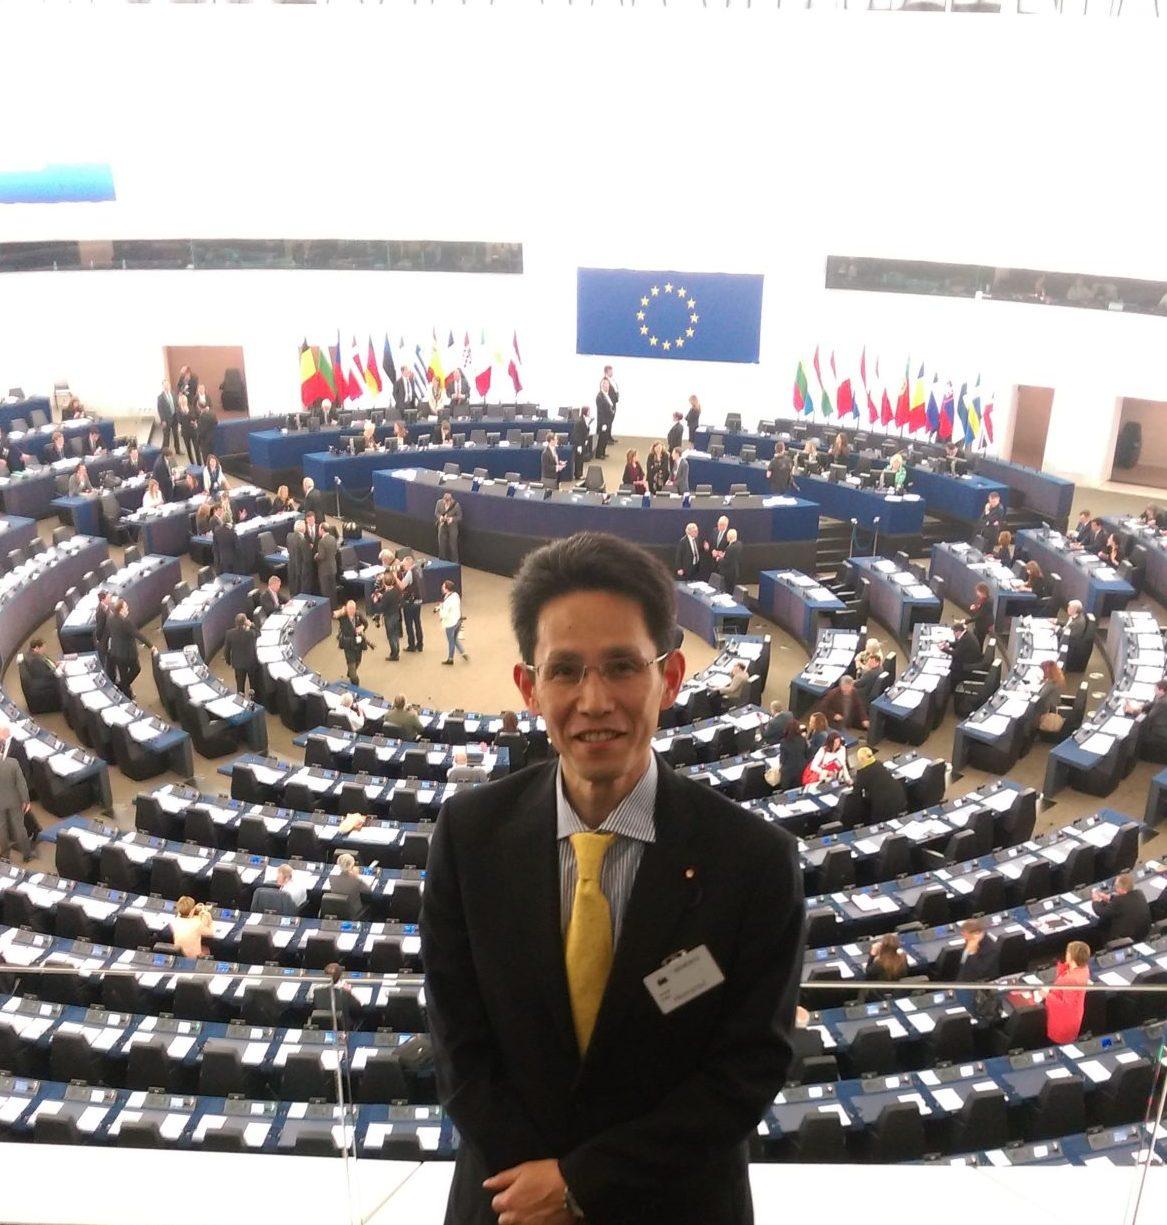 日本・EU議員会議 委員派遣 欧州議会議場